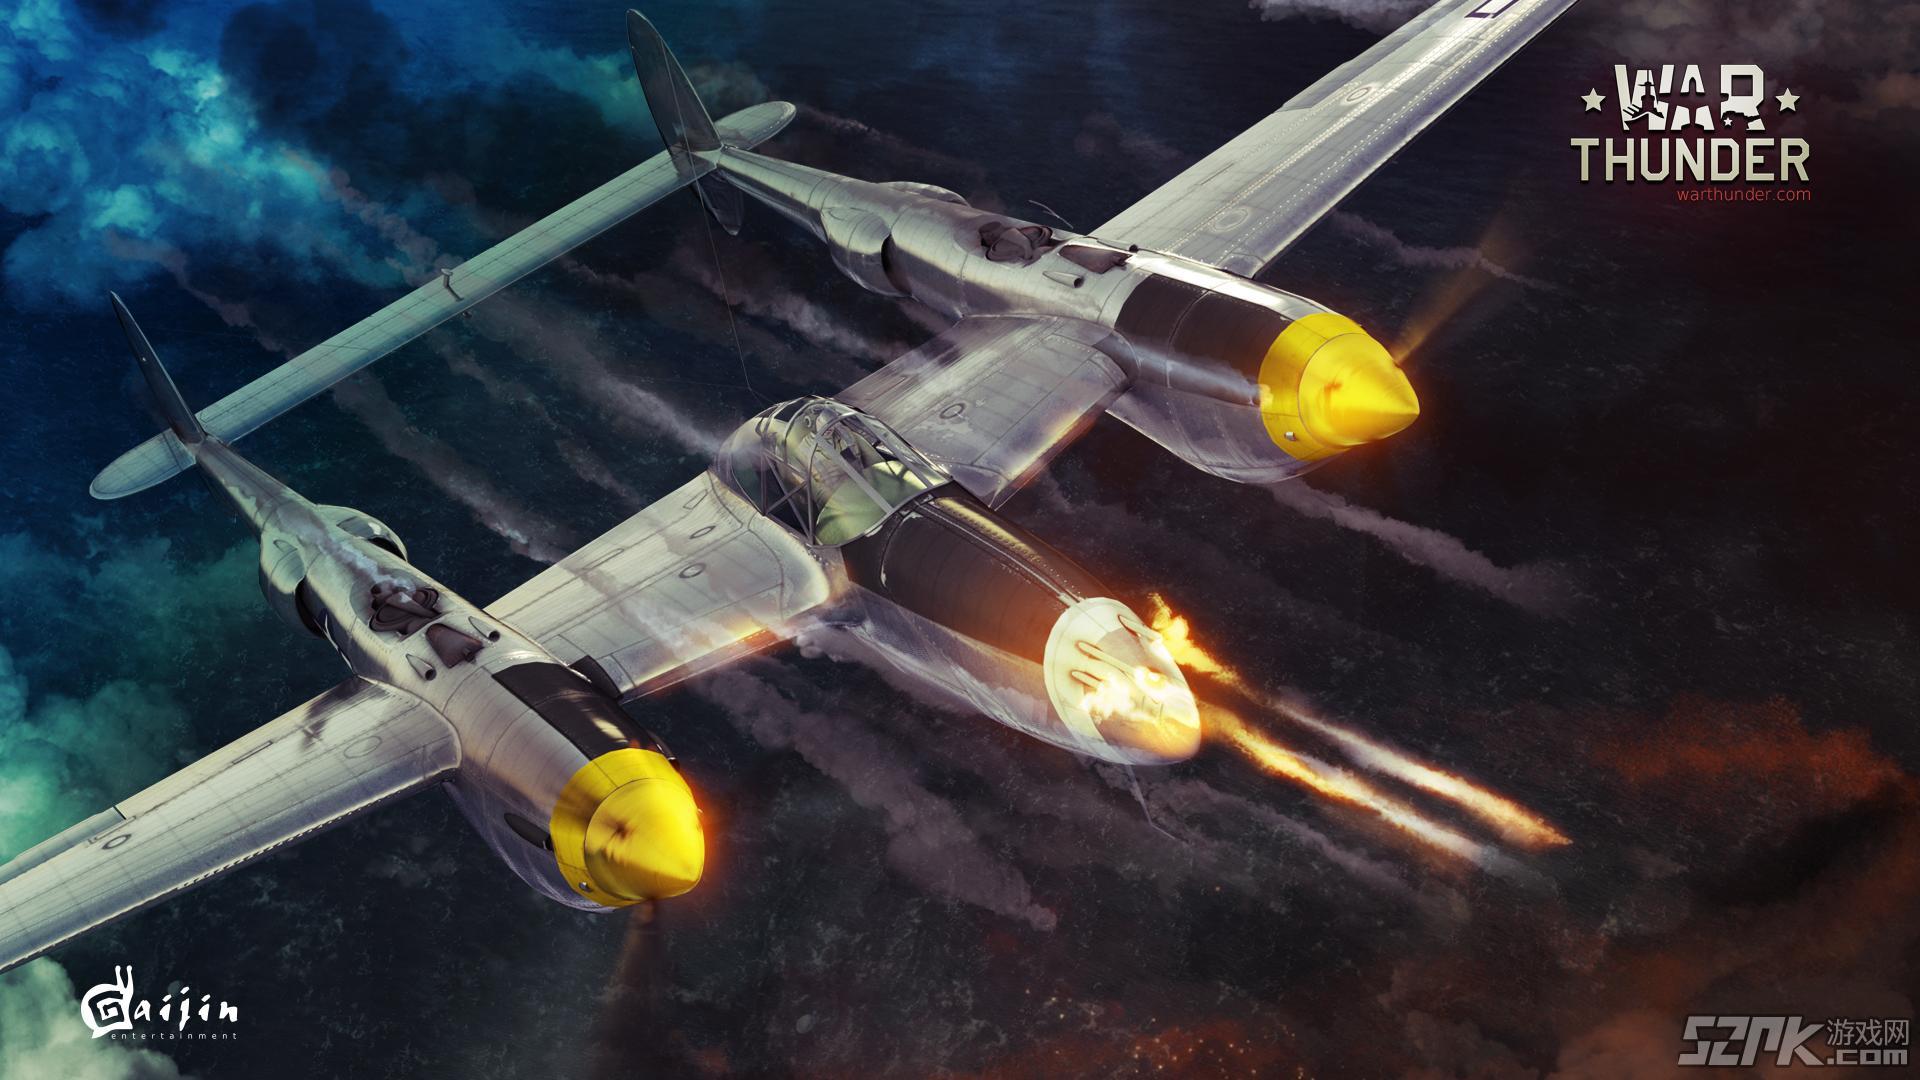 《战争雷霆》5月15日国服首测 腾讯进军战争游戏